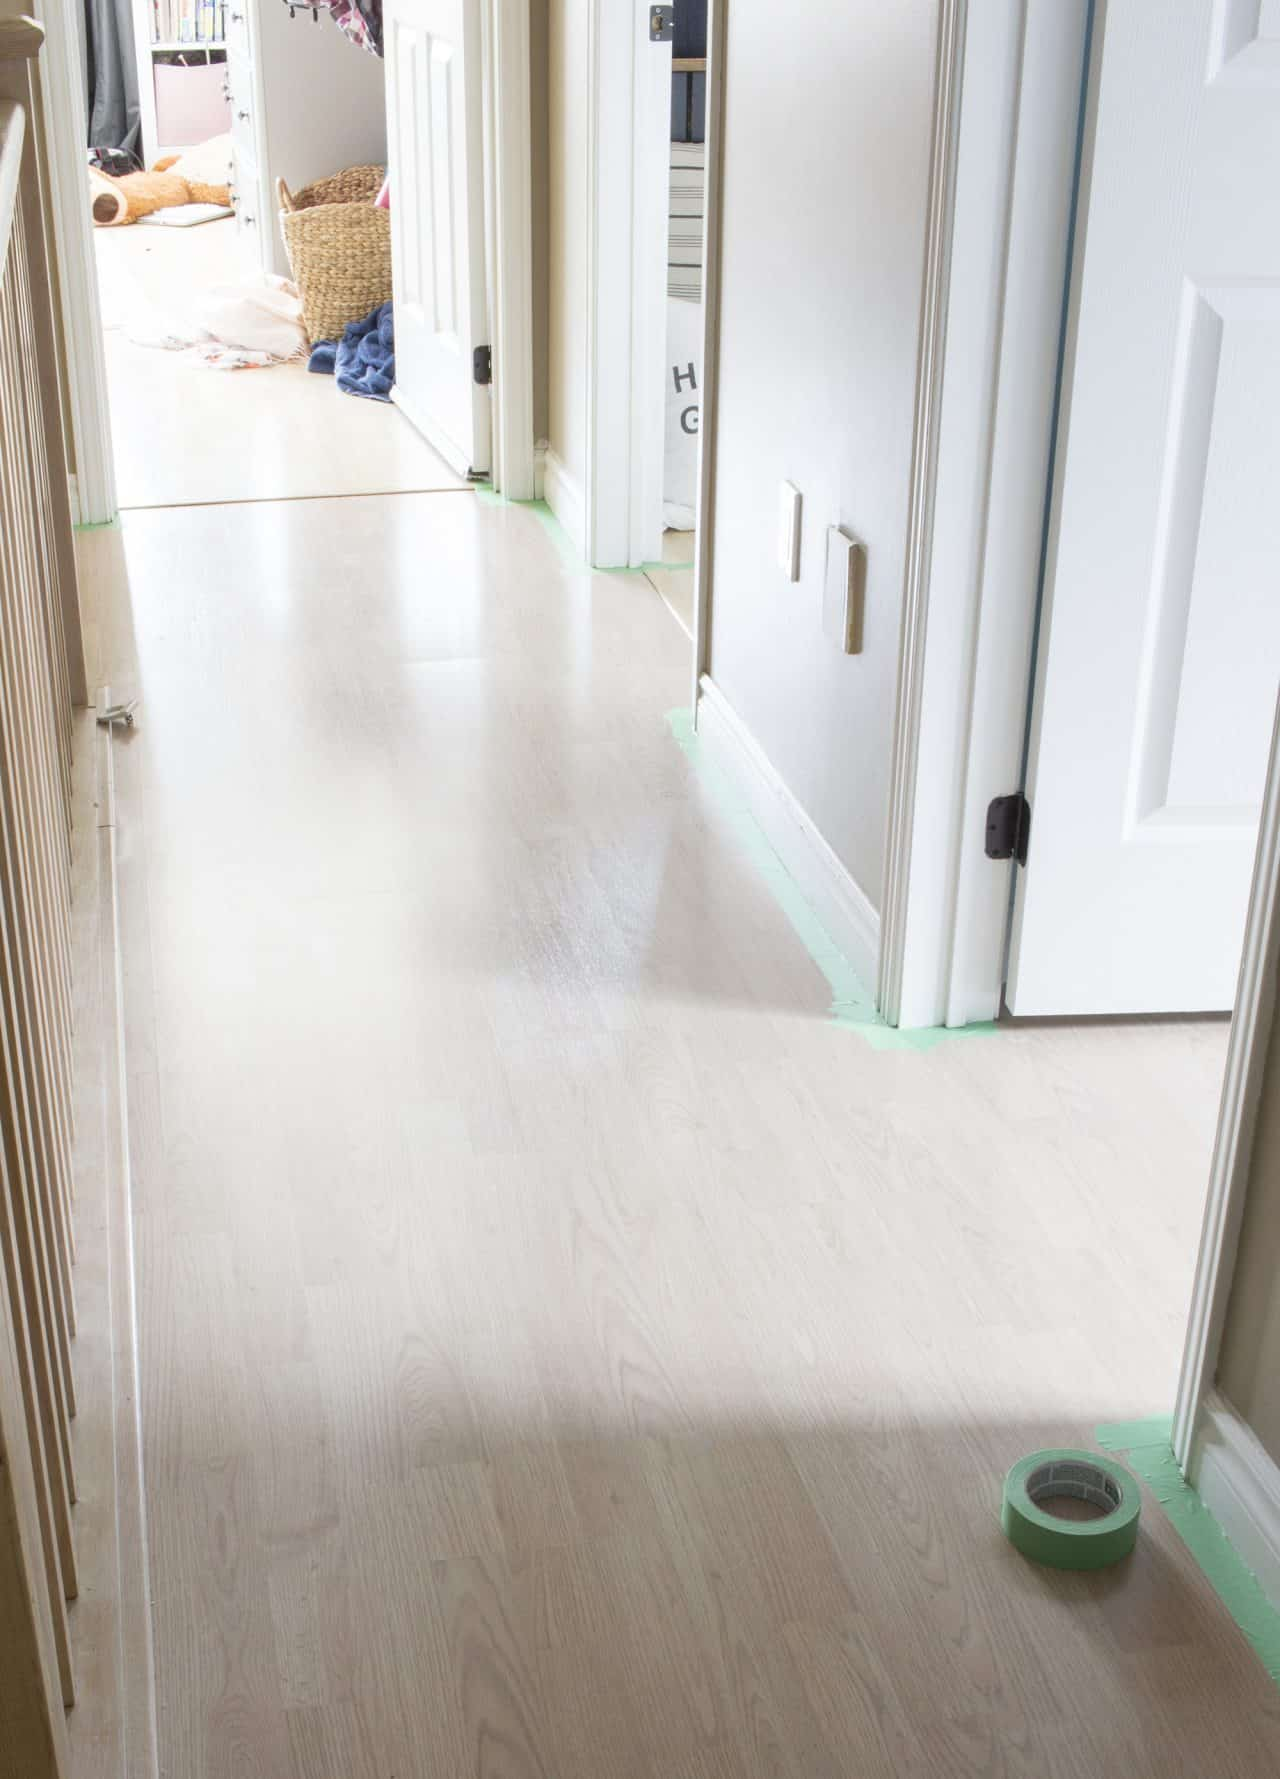 AKA Design Painter's Mate Green tape on floor